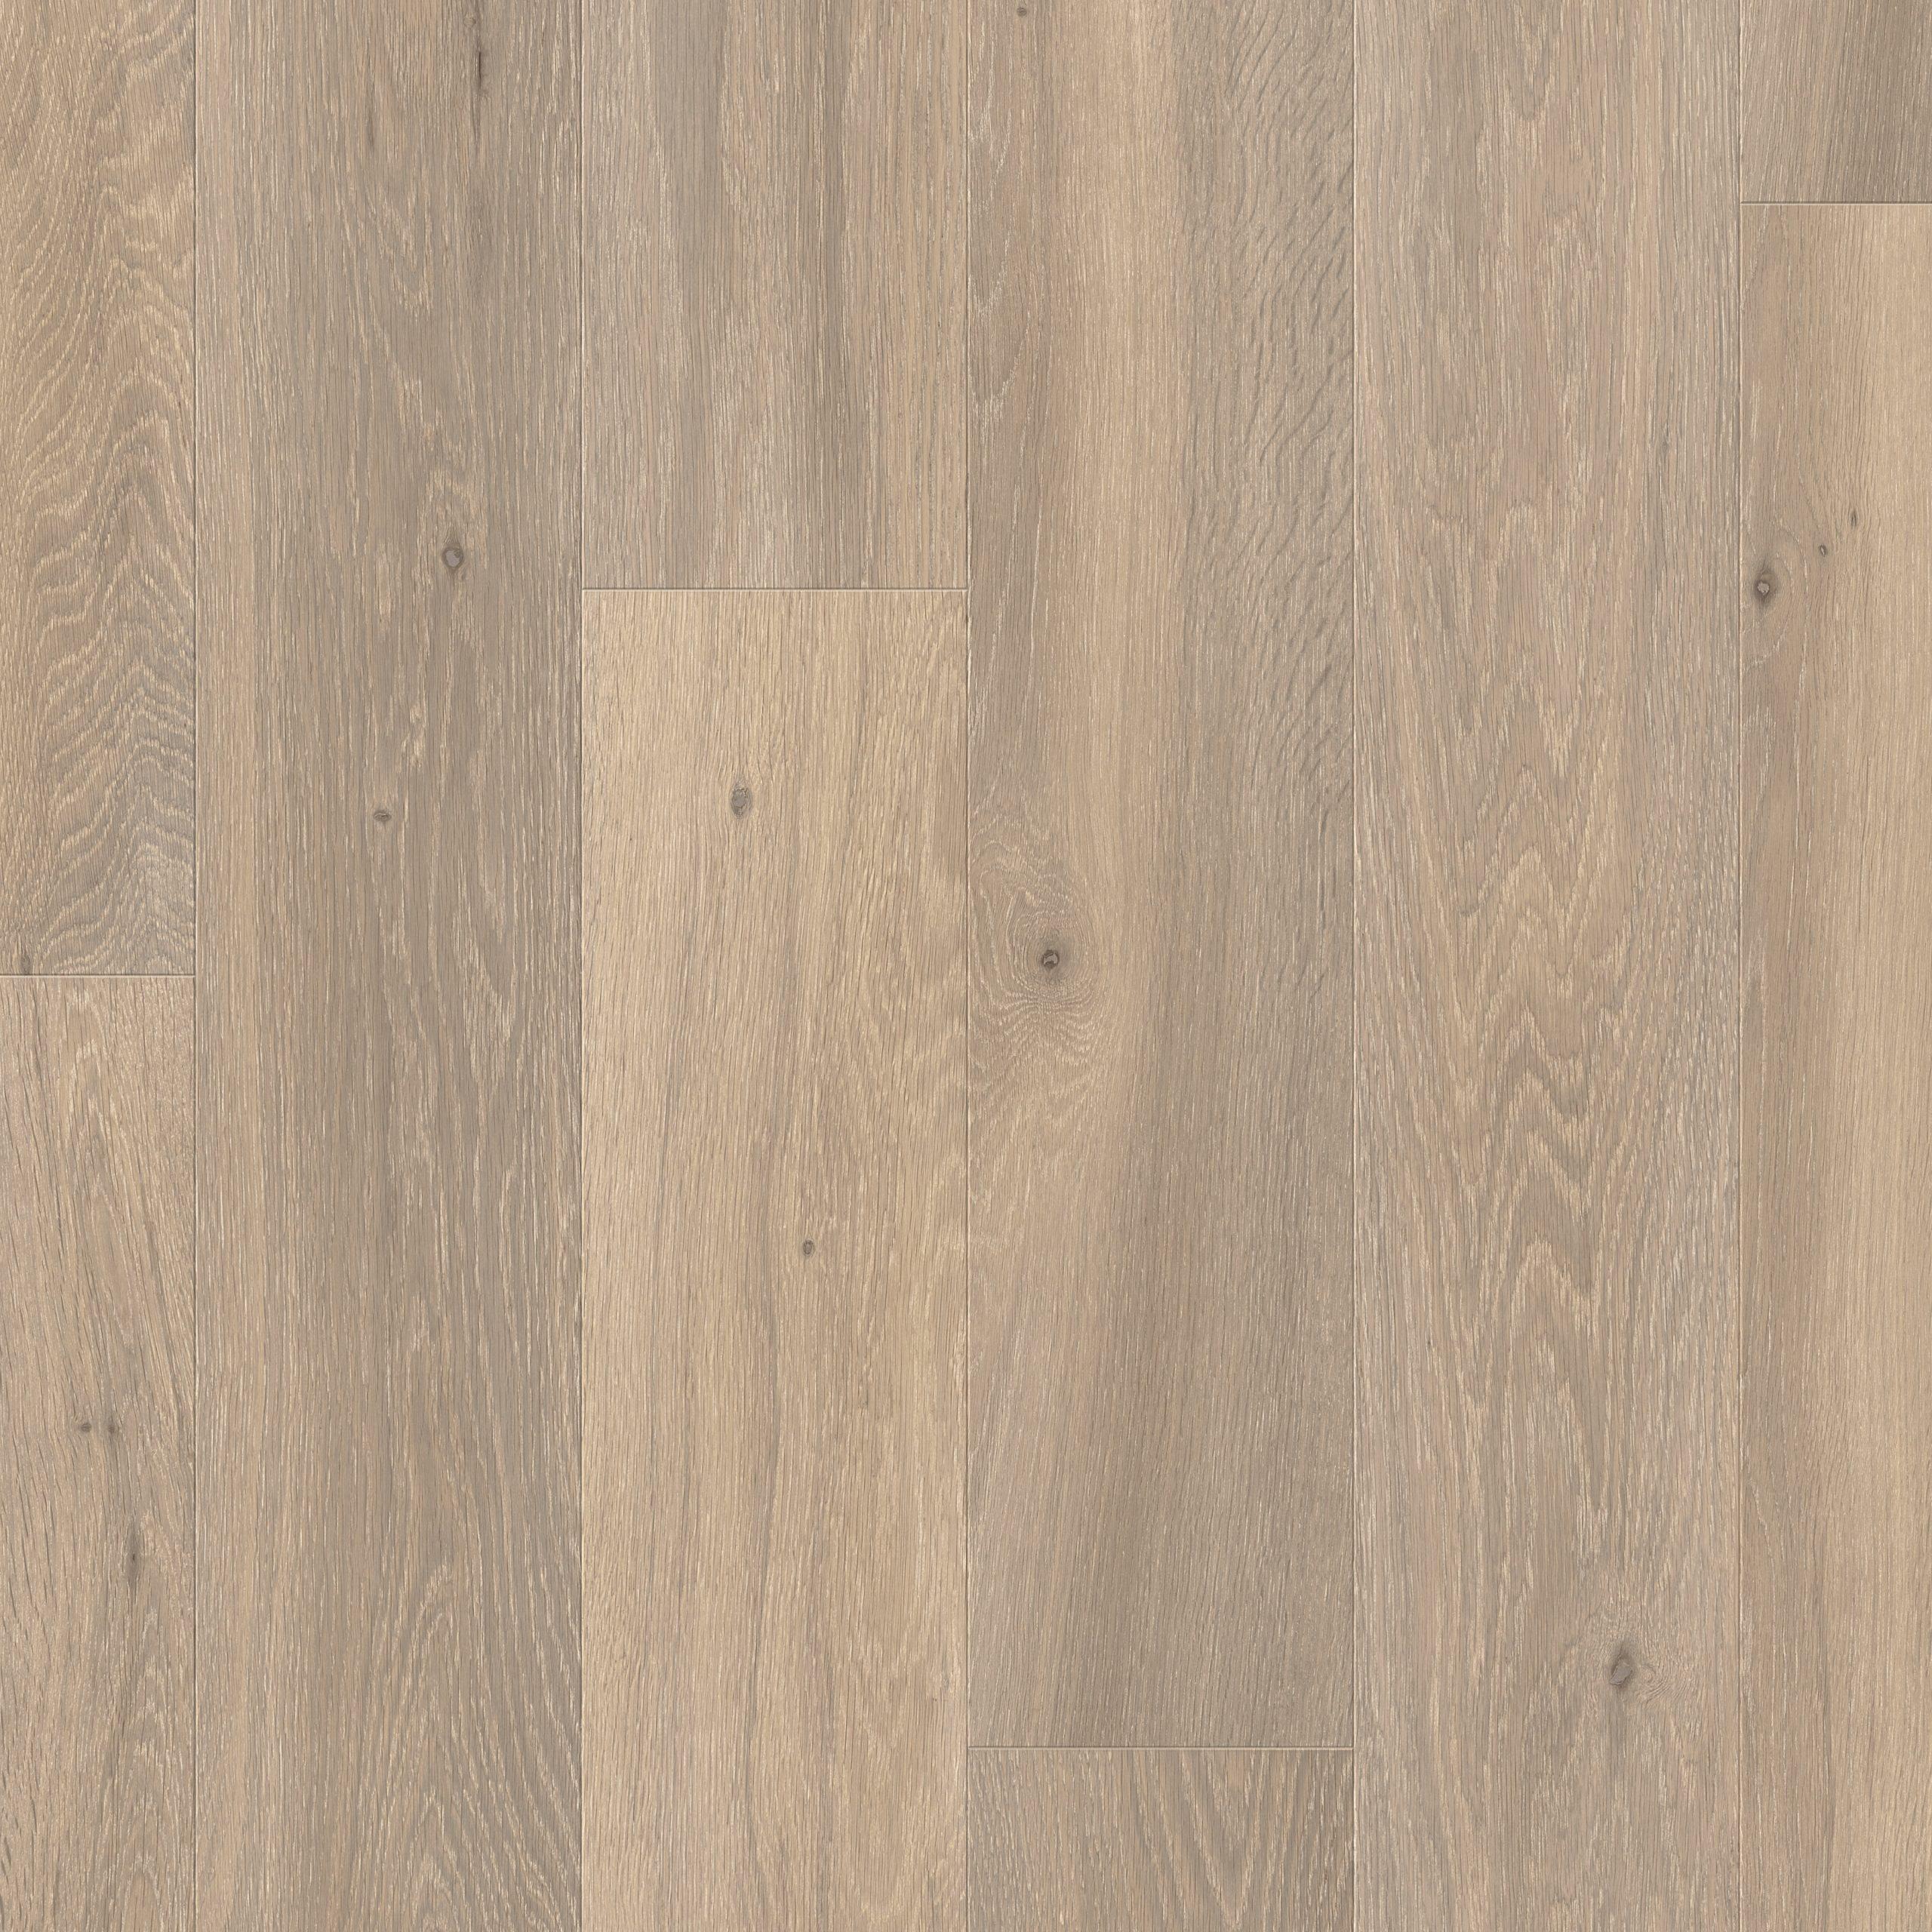 LPU1661_Topshot-Square HR